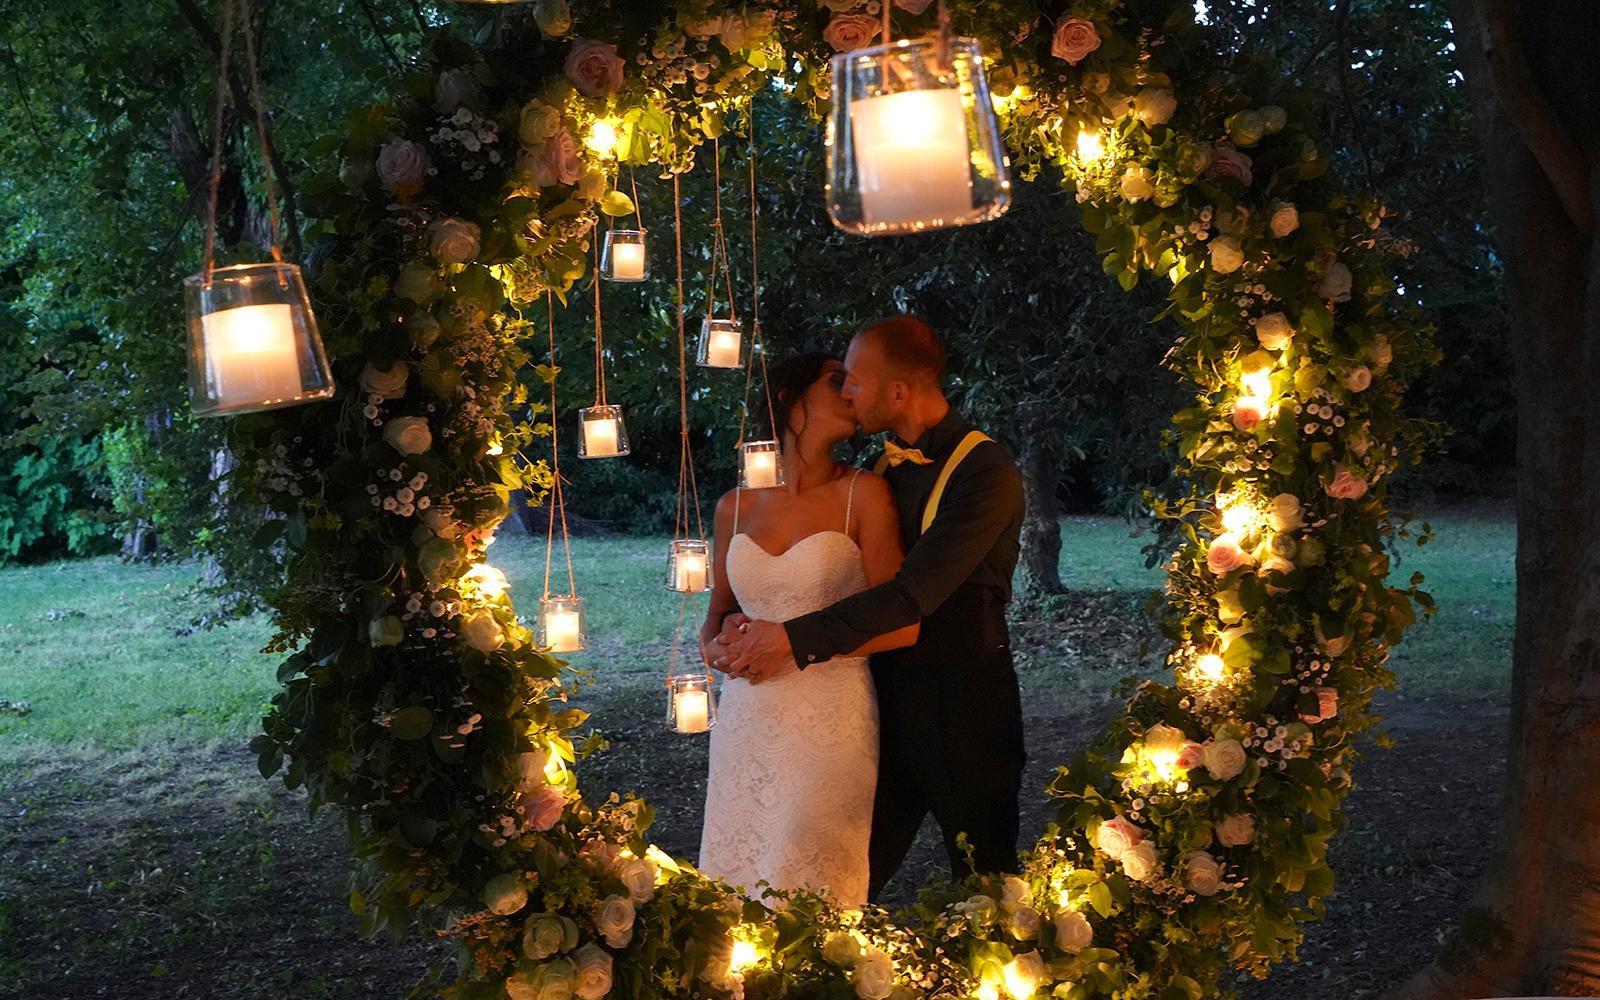 location matrimoni Vicenza, location matrimonio Padova, Location matrimonio Vicenza , location matrimoni Padova, ricevimento matrimonio Vicenza, villa per shooting Vicenza,ricevimento matrimonio Vicenza